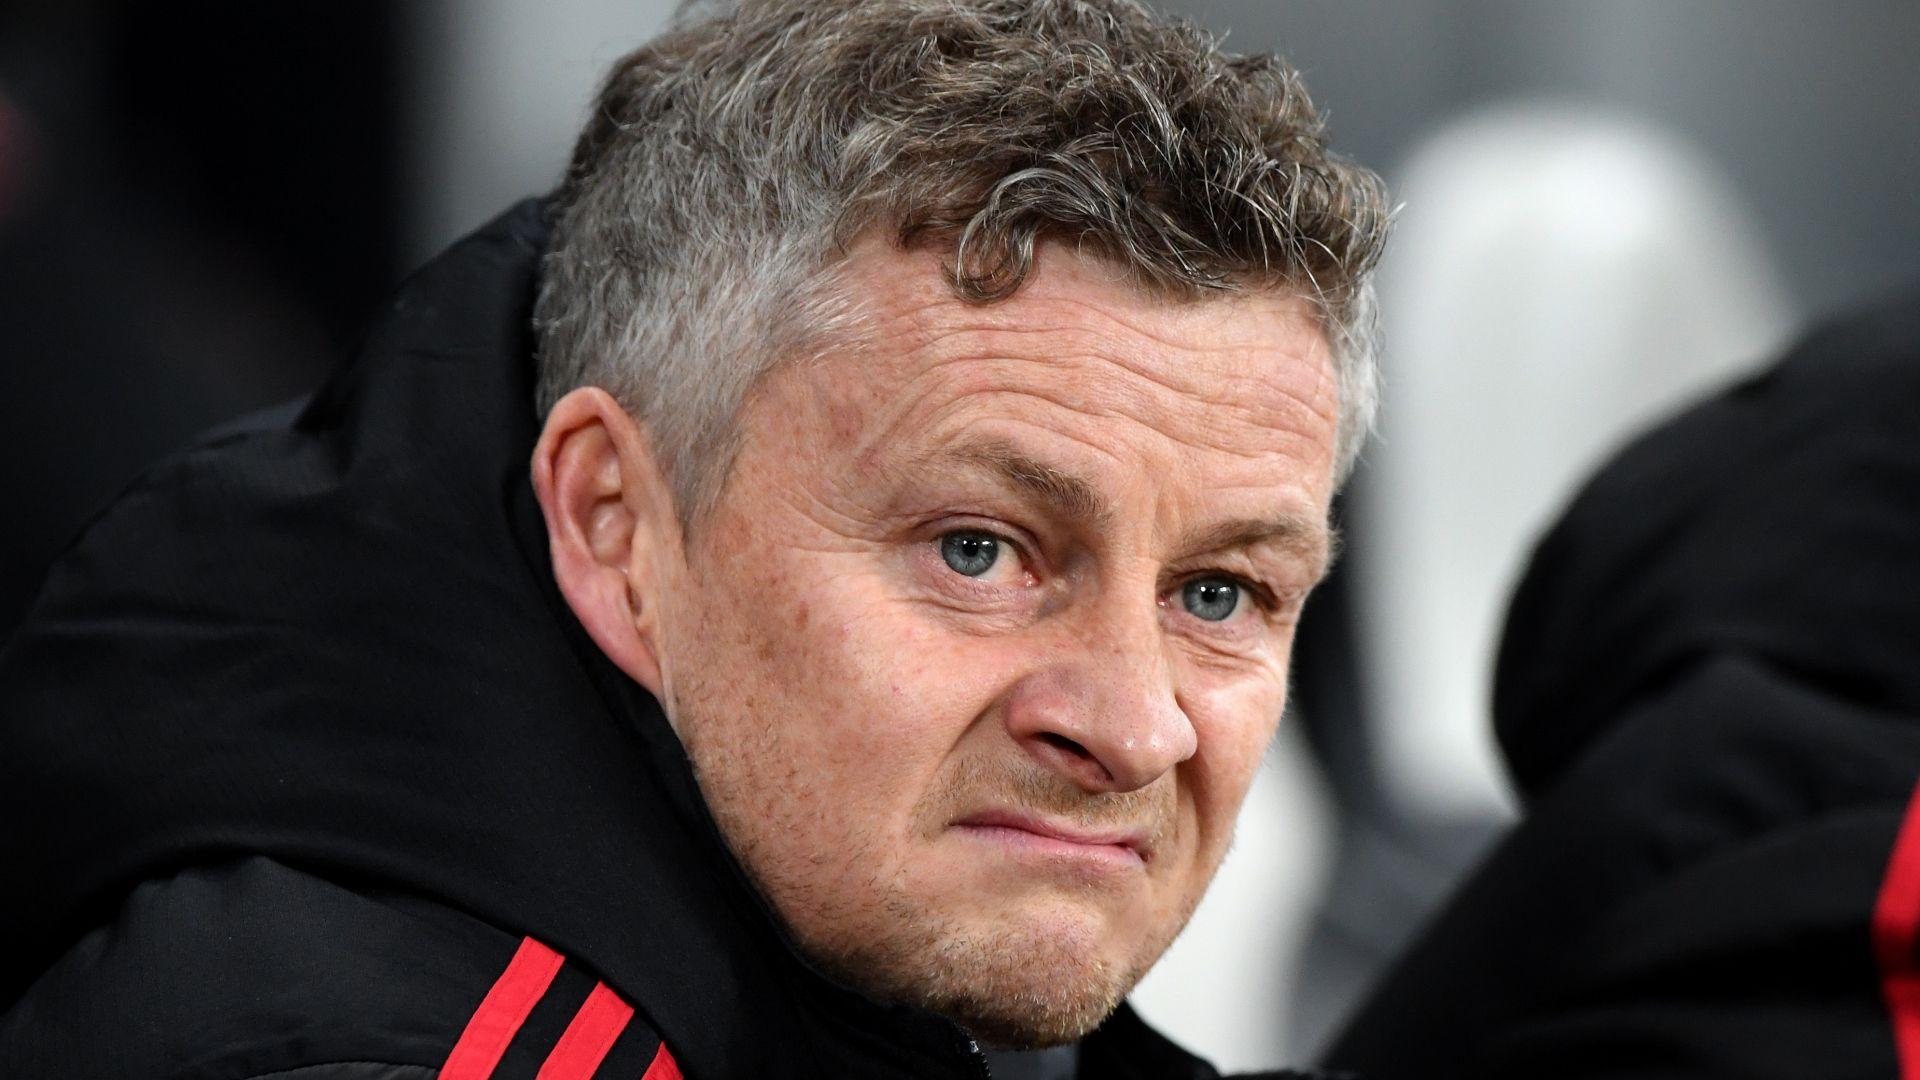 讲个鬼故事,若是双红会得胜曼联可能跌入升级区